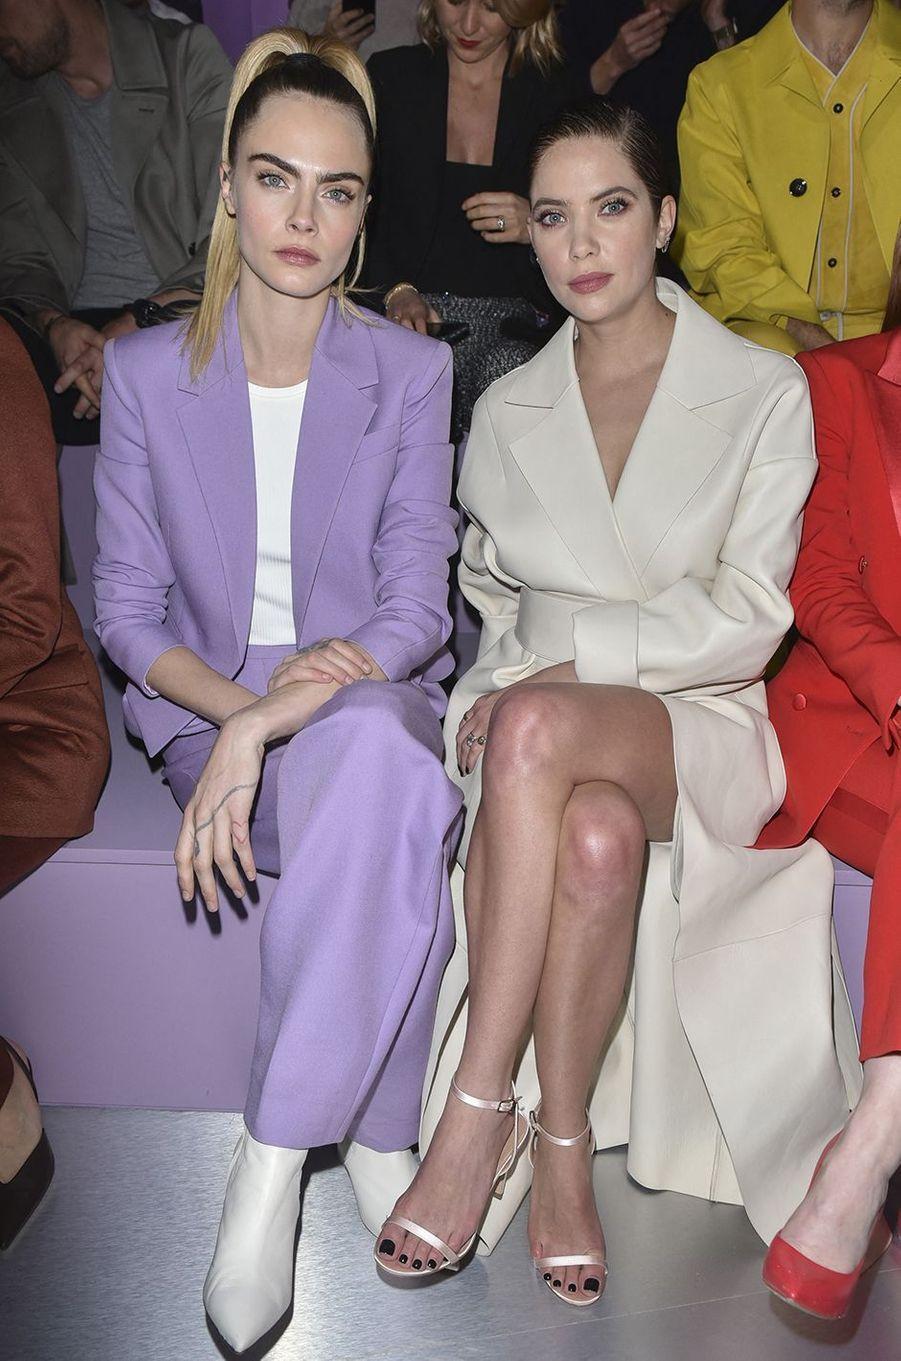 La rupture entre Cara Delevingne et Ashley Benson a été officialisée en mai 2020 par le magazine «People». Elles se fréquentaient depuis deux ans.